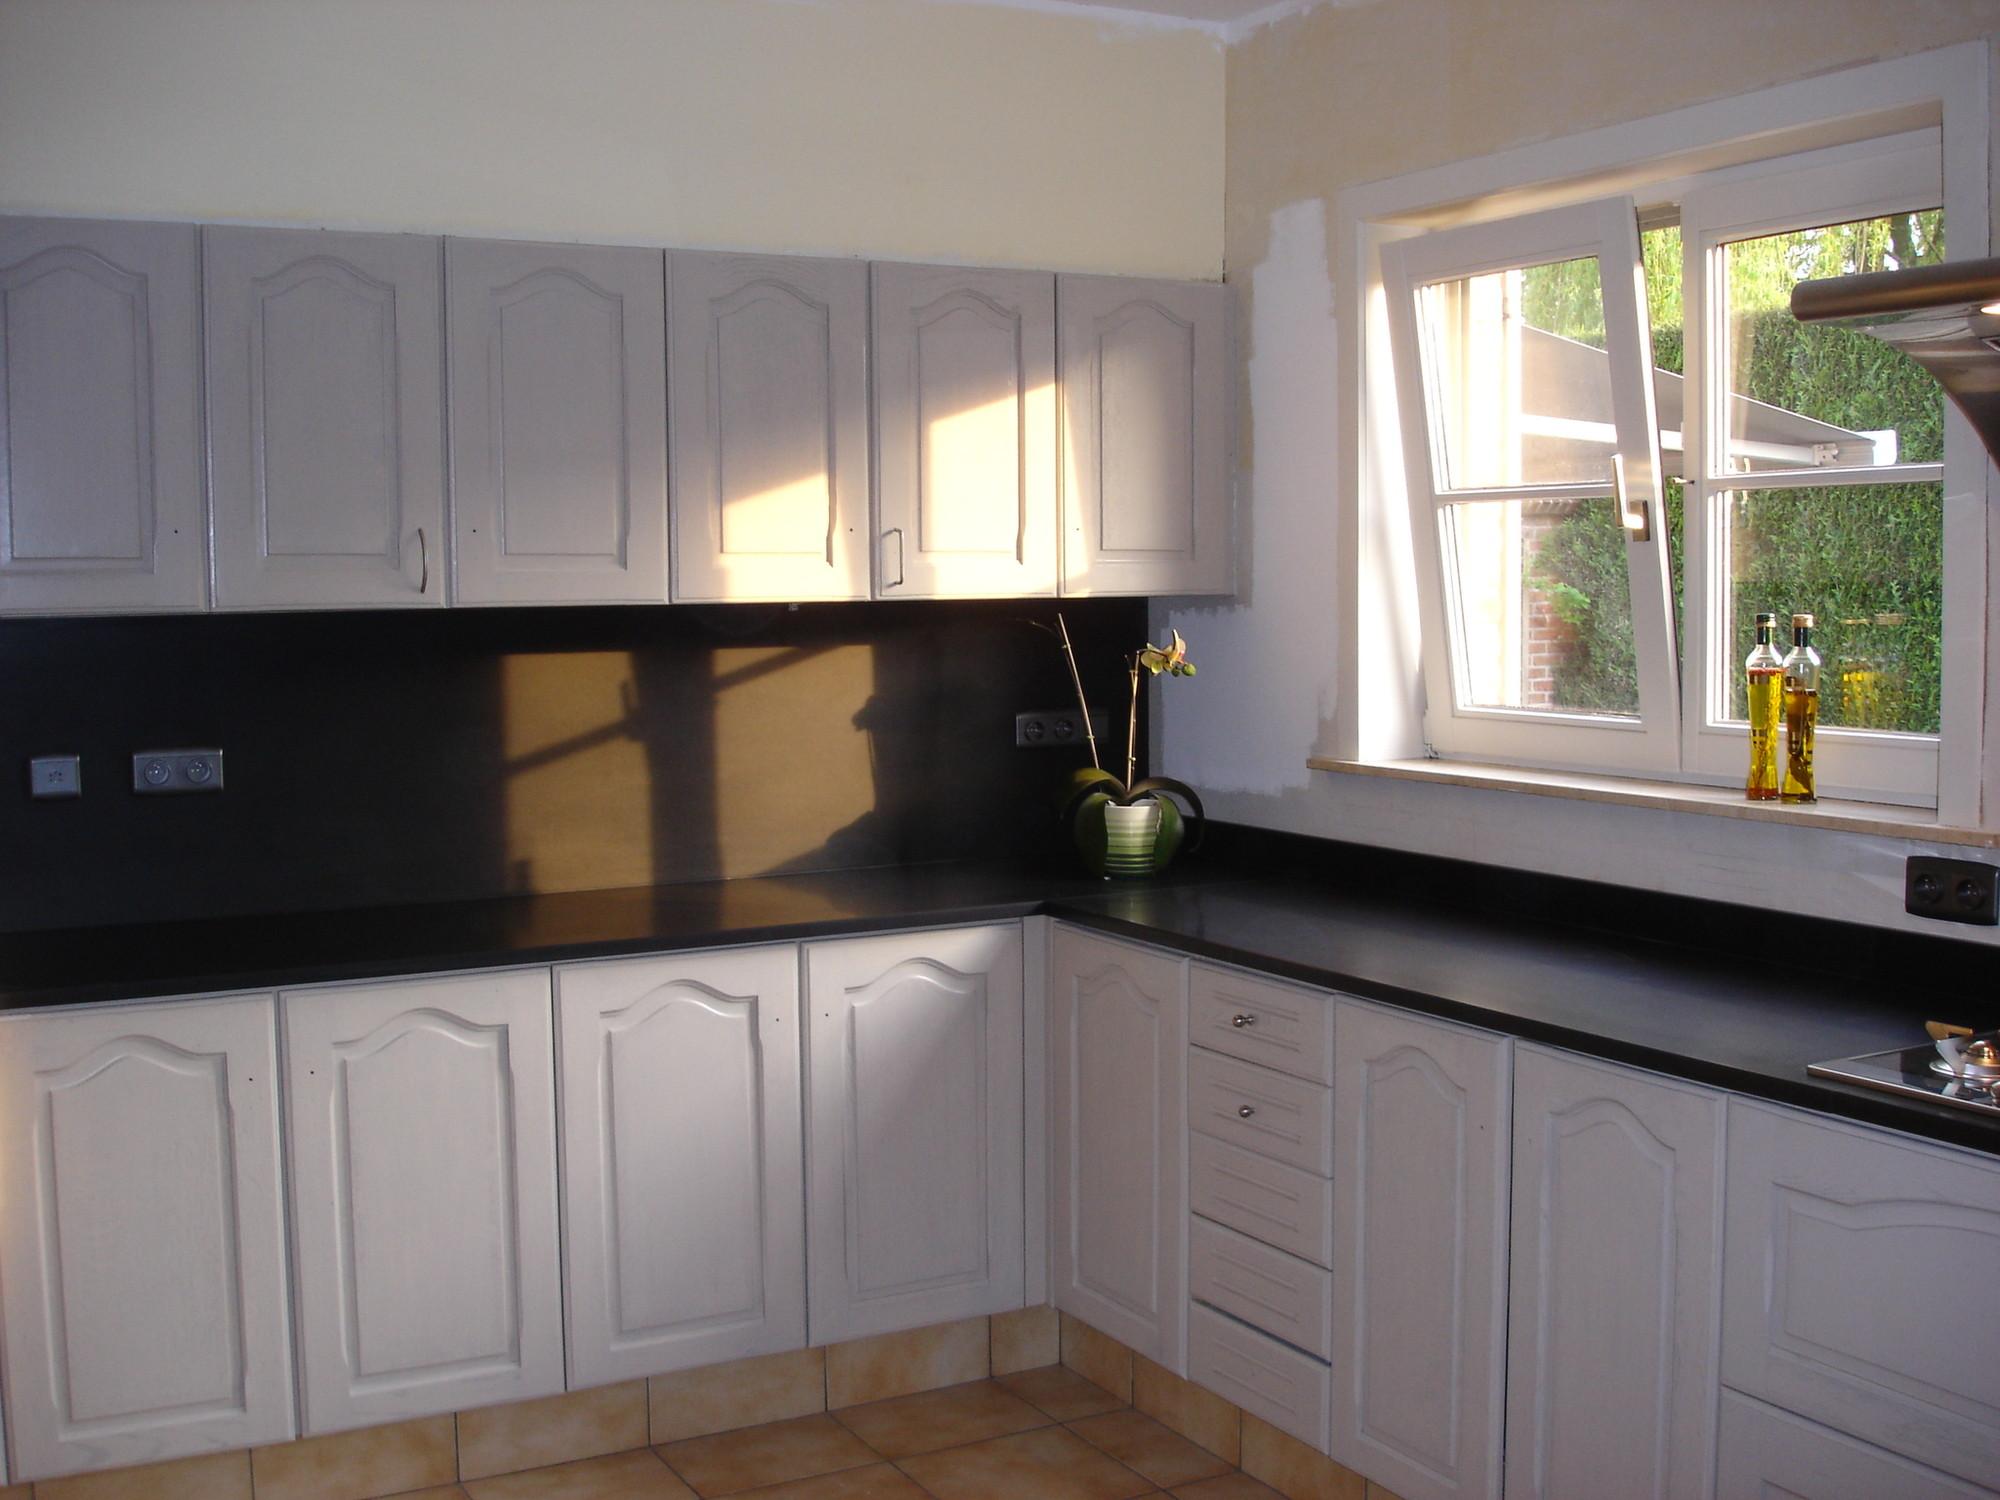 Keuken Verven Voor En Na : Blog – Eikenhouten keukenkasten schilderen – colora.be